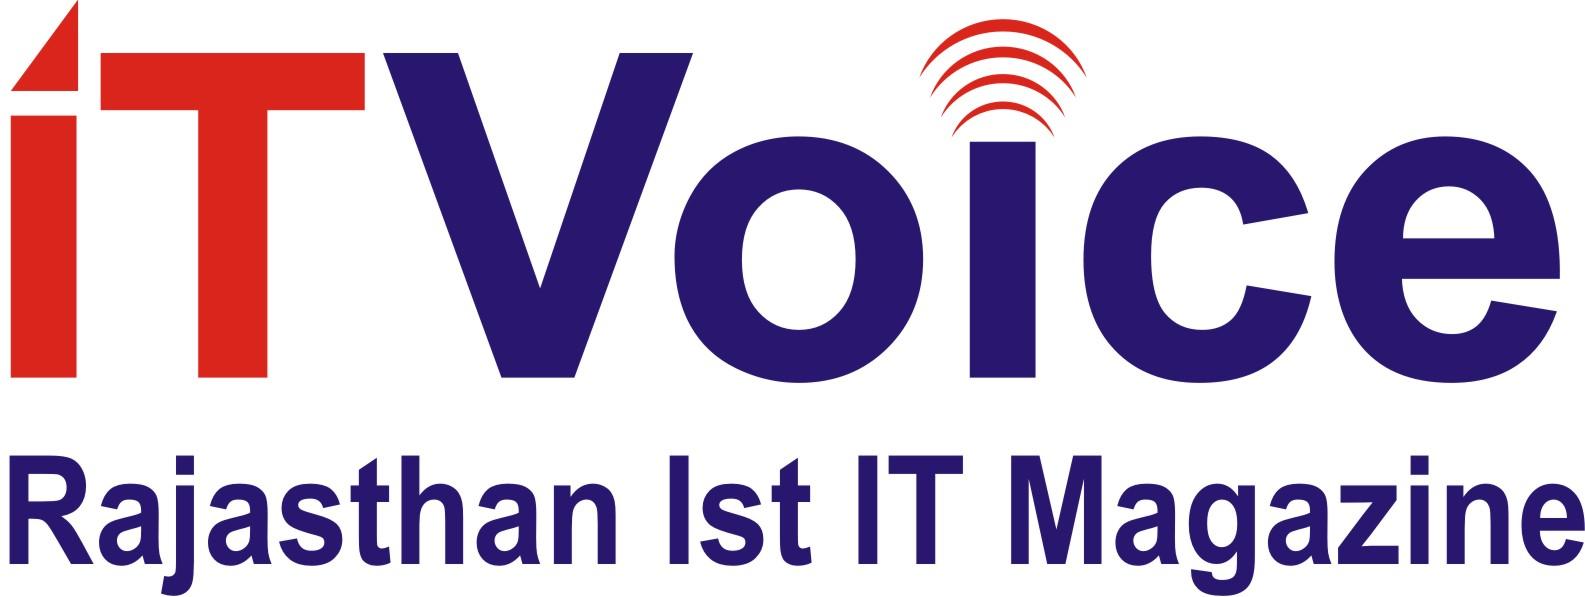 LOGO IT Voice 1